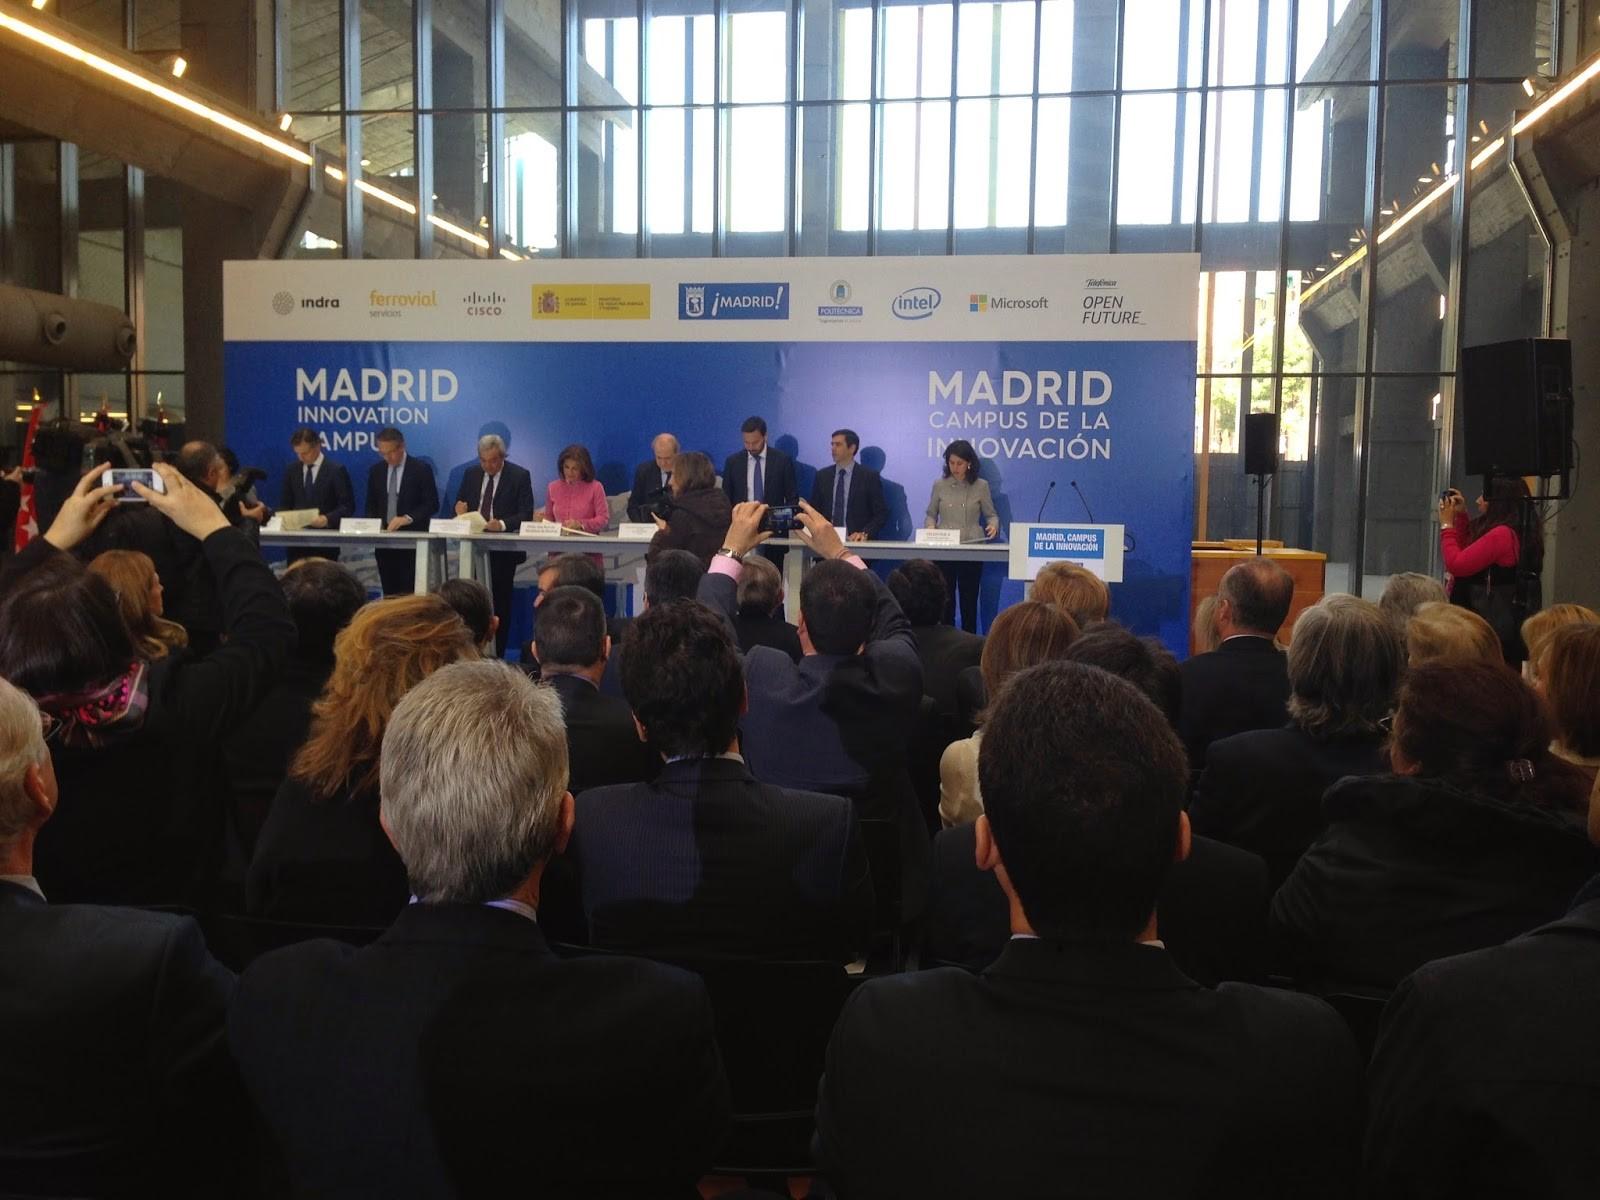 madrid campus